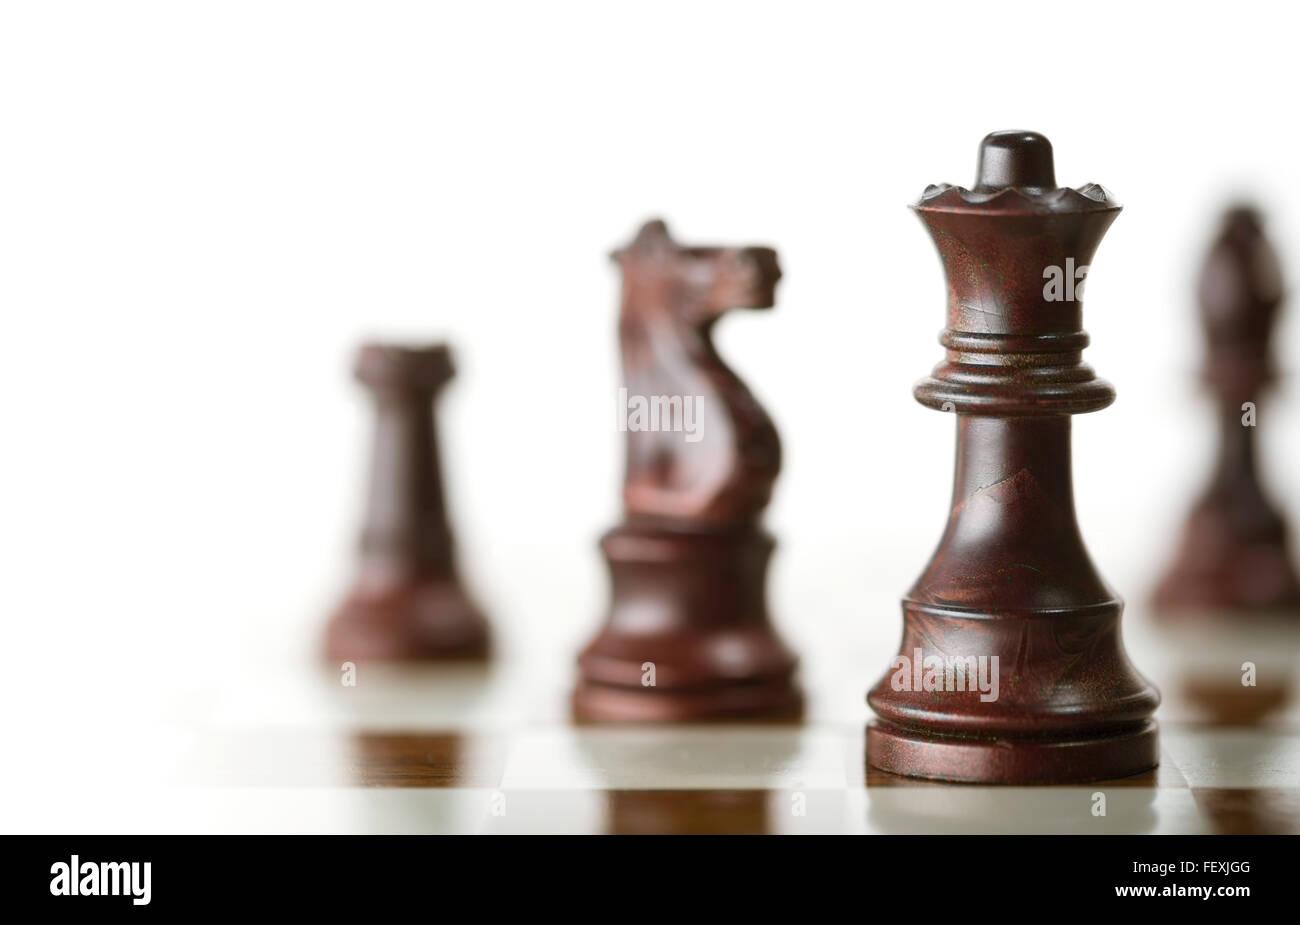 Image horizontale d'une partie d'échecs avec l'accent sur la reine et un flou des pièces de plus de fond blanc, copie de l'espace sur le côté gauche. Banque D'Images